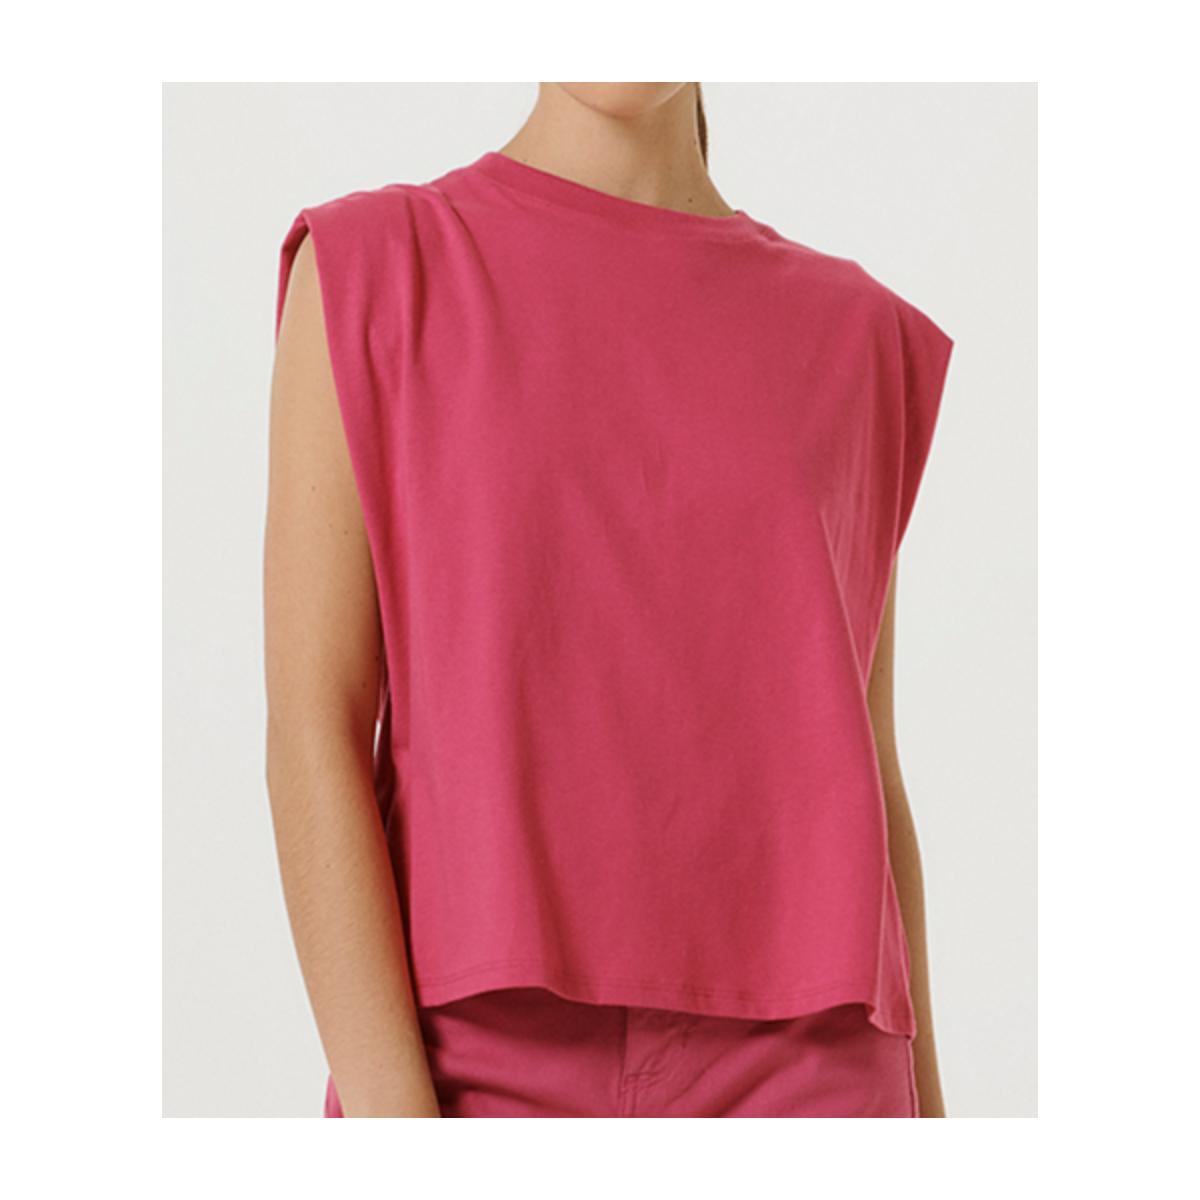 Blusa Feminina Hering 4ae1 Kquen Pink